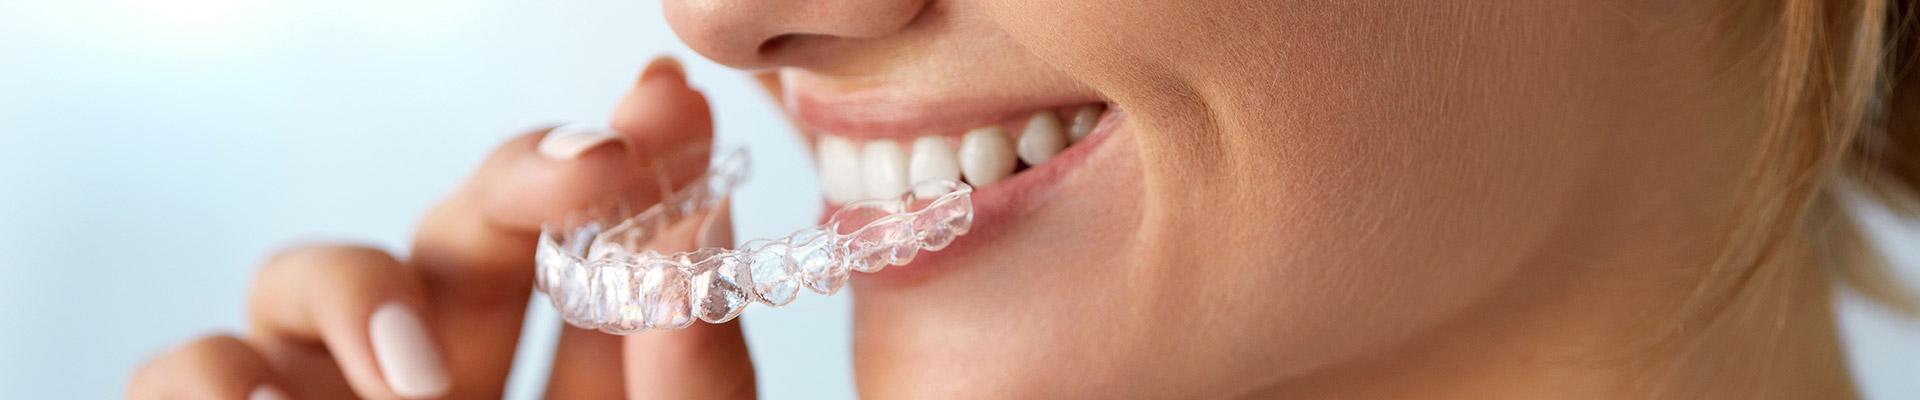 Ortodoncia invisible invisalign el bosque cl nica dental for Clinica dental jerez de la frontera